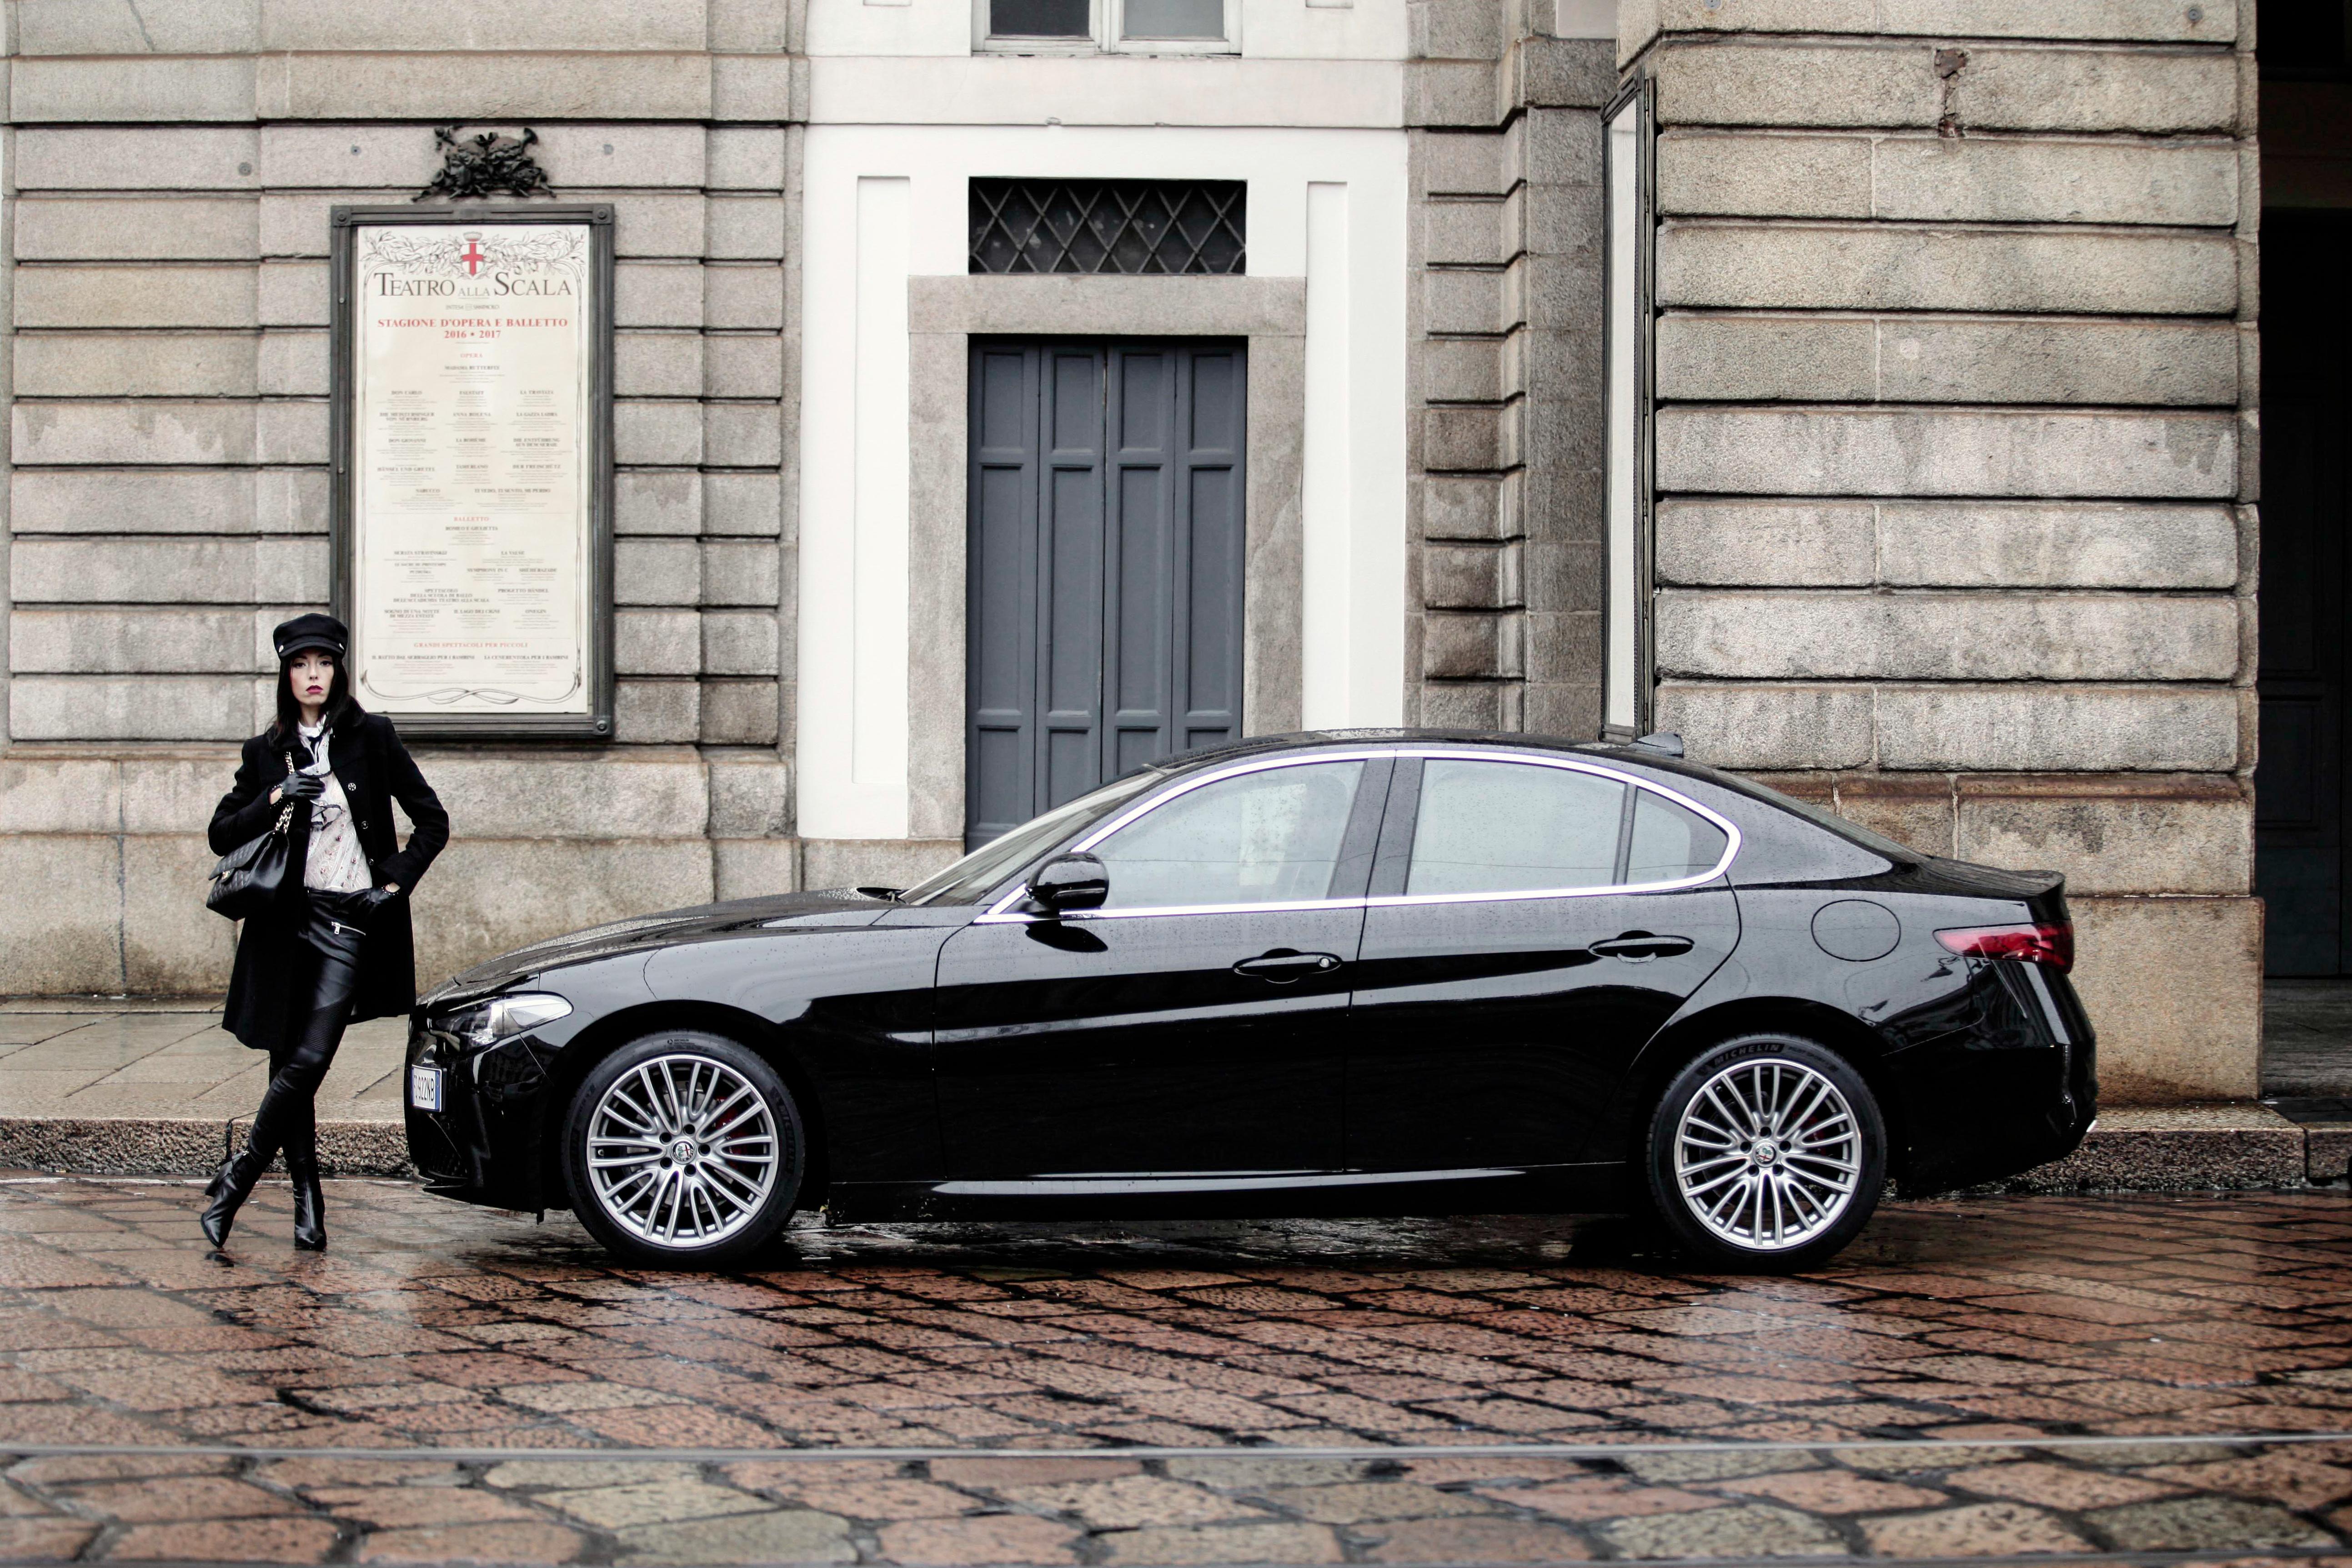 Alfa Romeo Giulia 2016, theladycracy.it, nuova giulia alfa romeo opinioni, nuova giulia 2017, elisa bellino, commenti giulia alfa romeo, fashion blog italia 2016, fashion blogger famose 2016, fashion blogger più seguite 2017, fashion blog 2017, blogger moda 2017, chanel 2.55, milano fashion blogger 2016